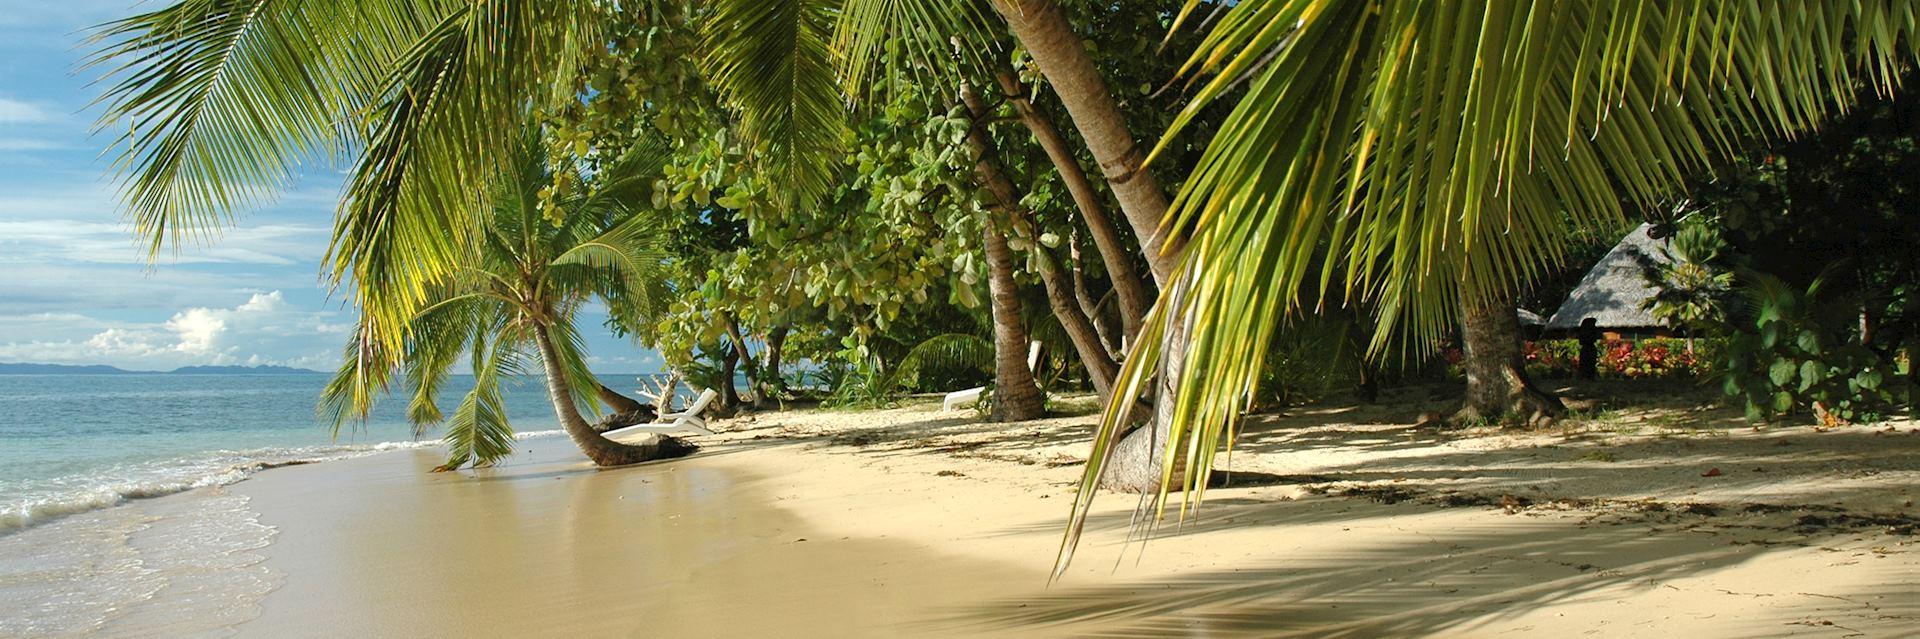 Matangi Private Island Resort, Taveuni